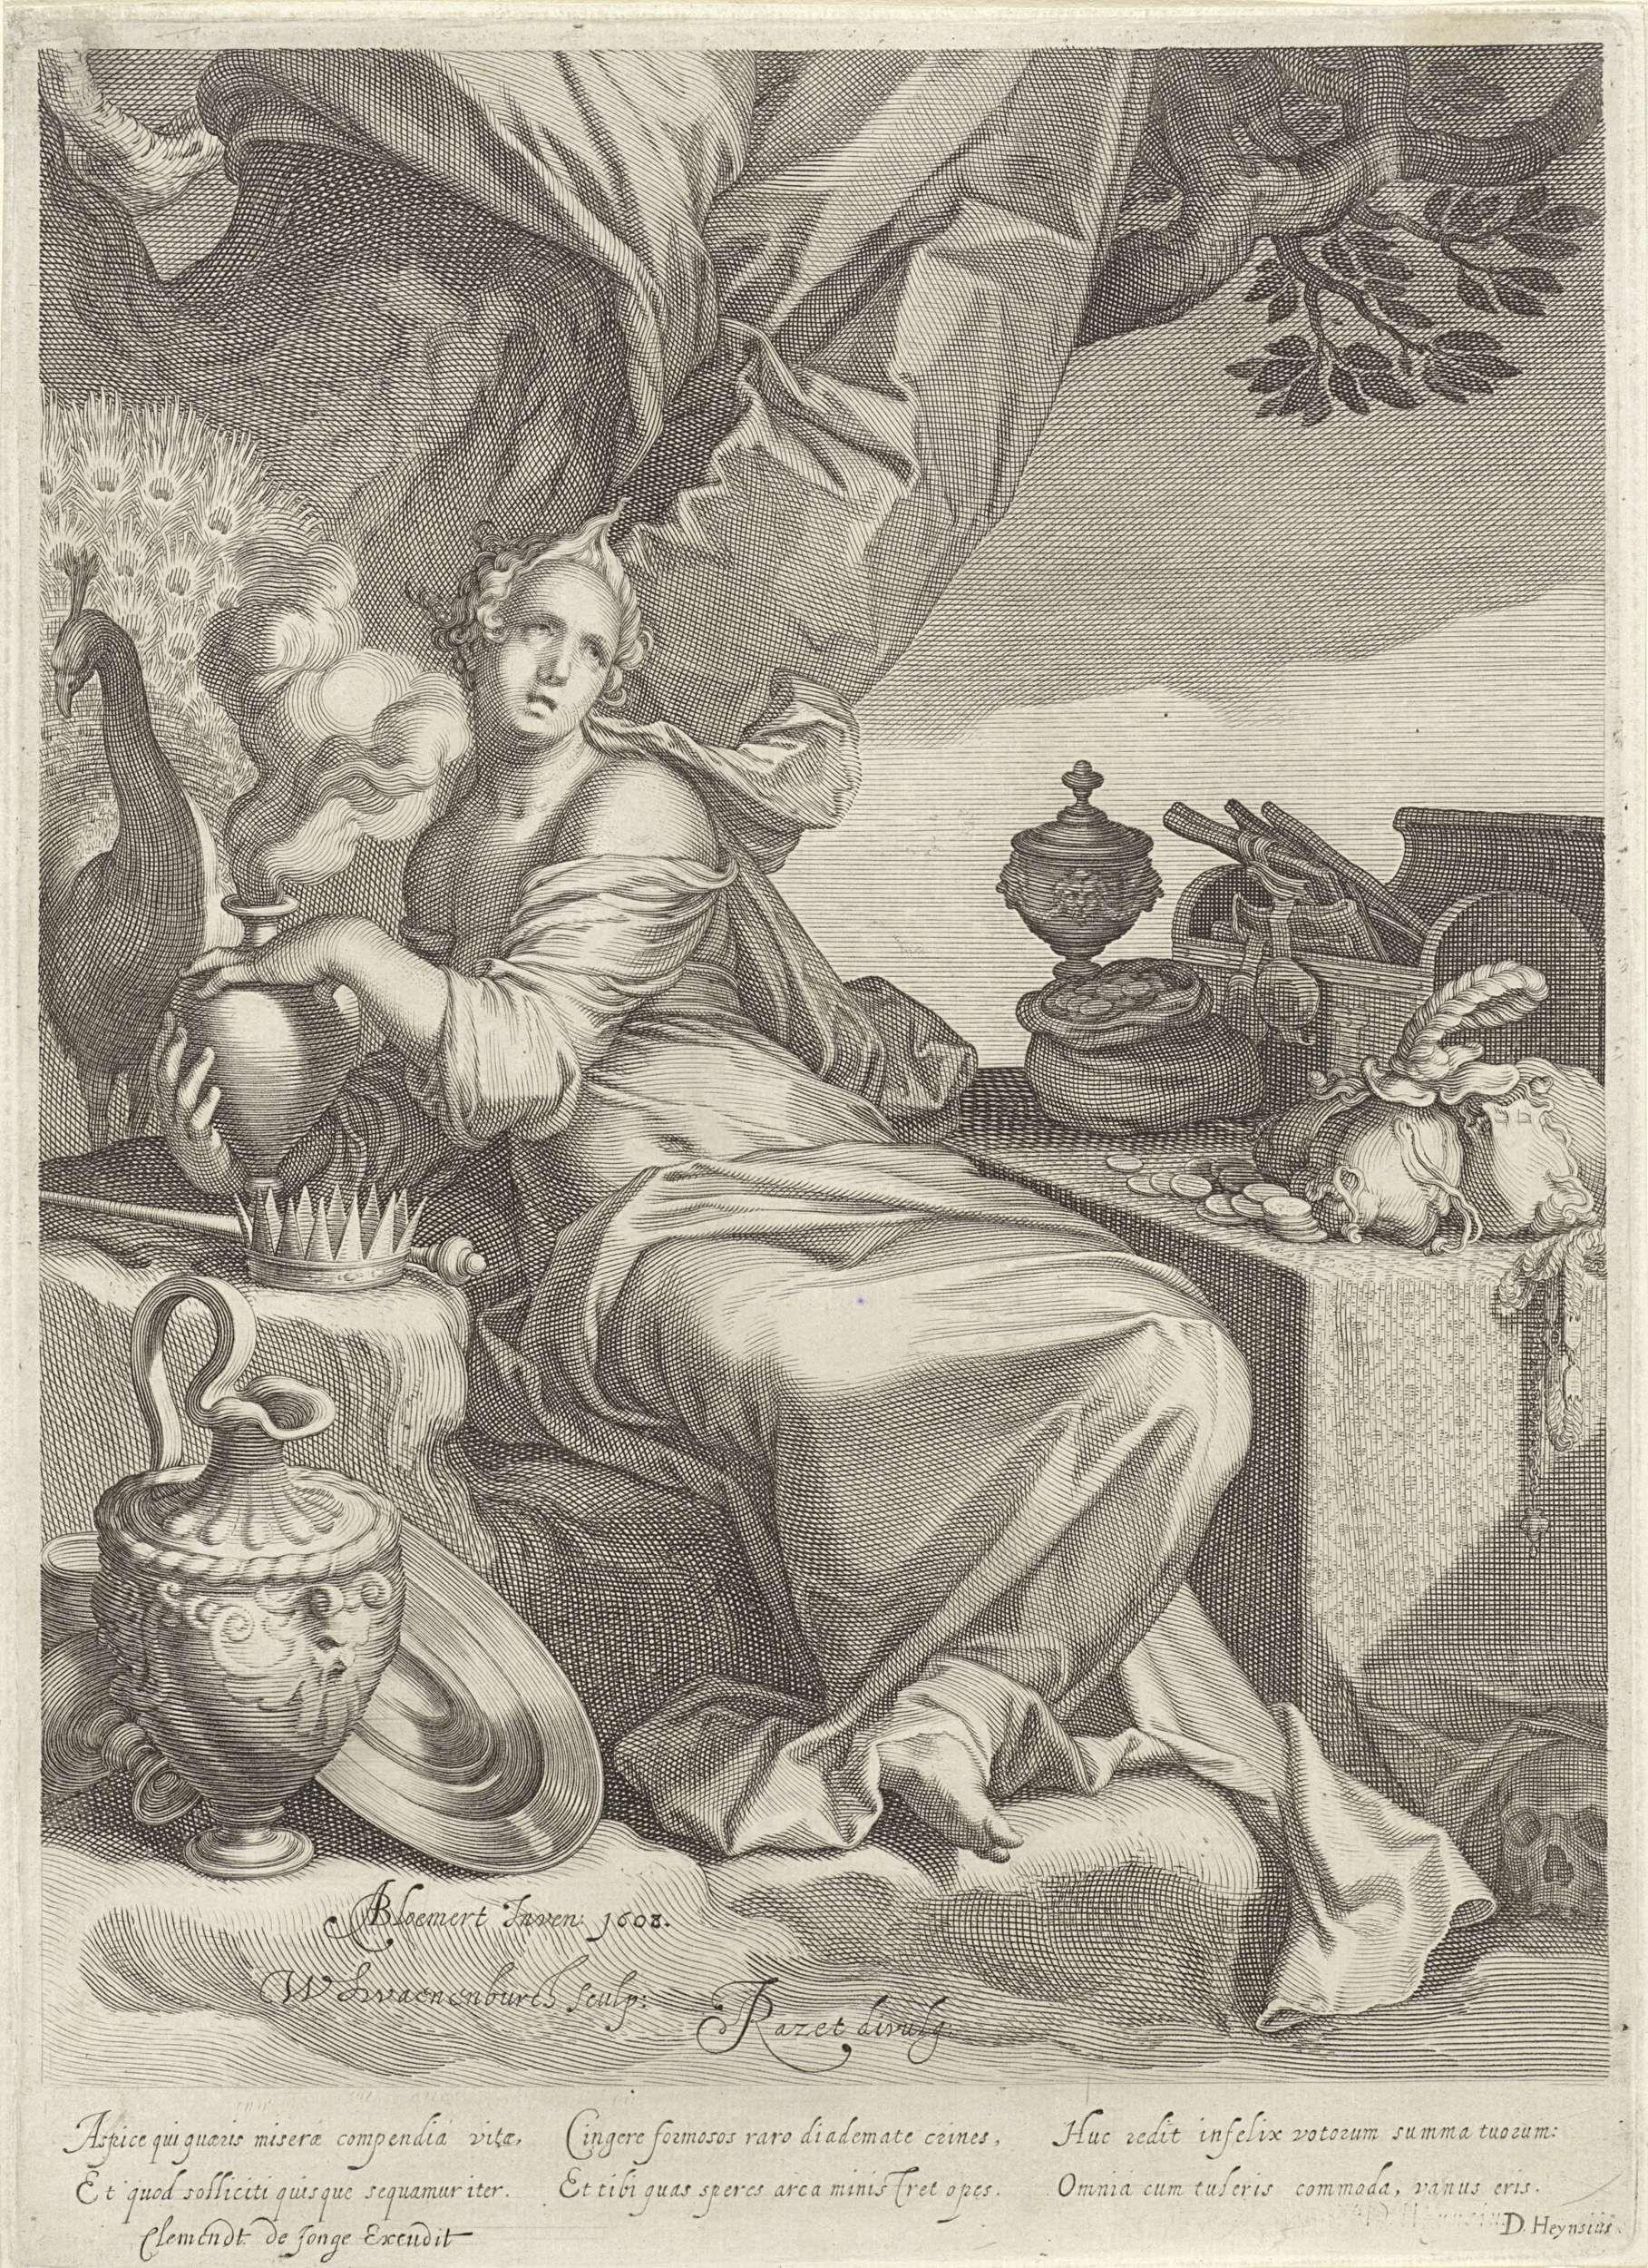 Willem Isaacsz. van Swanenburg   Personificatie van vanitas, Willem Isaacsz. van Swanenburg, Daniël Heinsius, Clement de Jonghe, 1608   Een vrouw zit aan een tafel met kostbaarheden, waaronder een zak met geld en een schatkist. Onder de tafel ligt een doodshoofd. Ze houdt een kruik vast waar rook uit komt. Bij de kruik zit een pauw en ervoor ligt een scepter naast een kroon. Op de grond ligt vaatwerk. Onder de voorstelling bevindt zich een zesregelige, Latijnse tekst waarin de voorstelling…